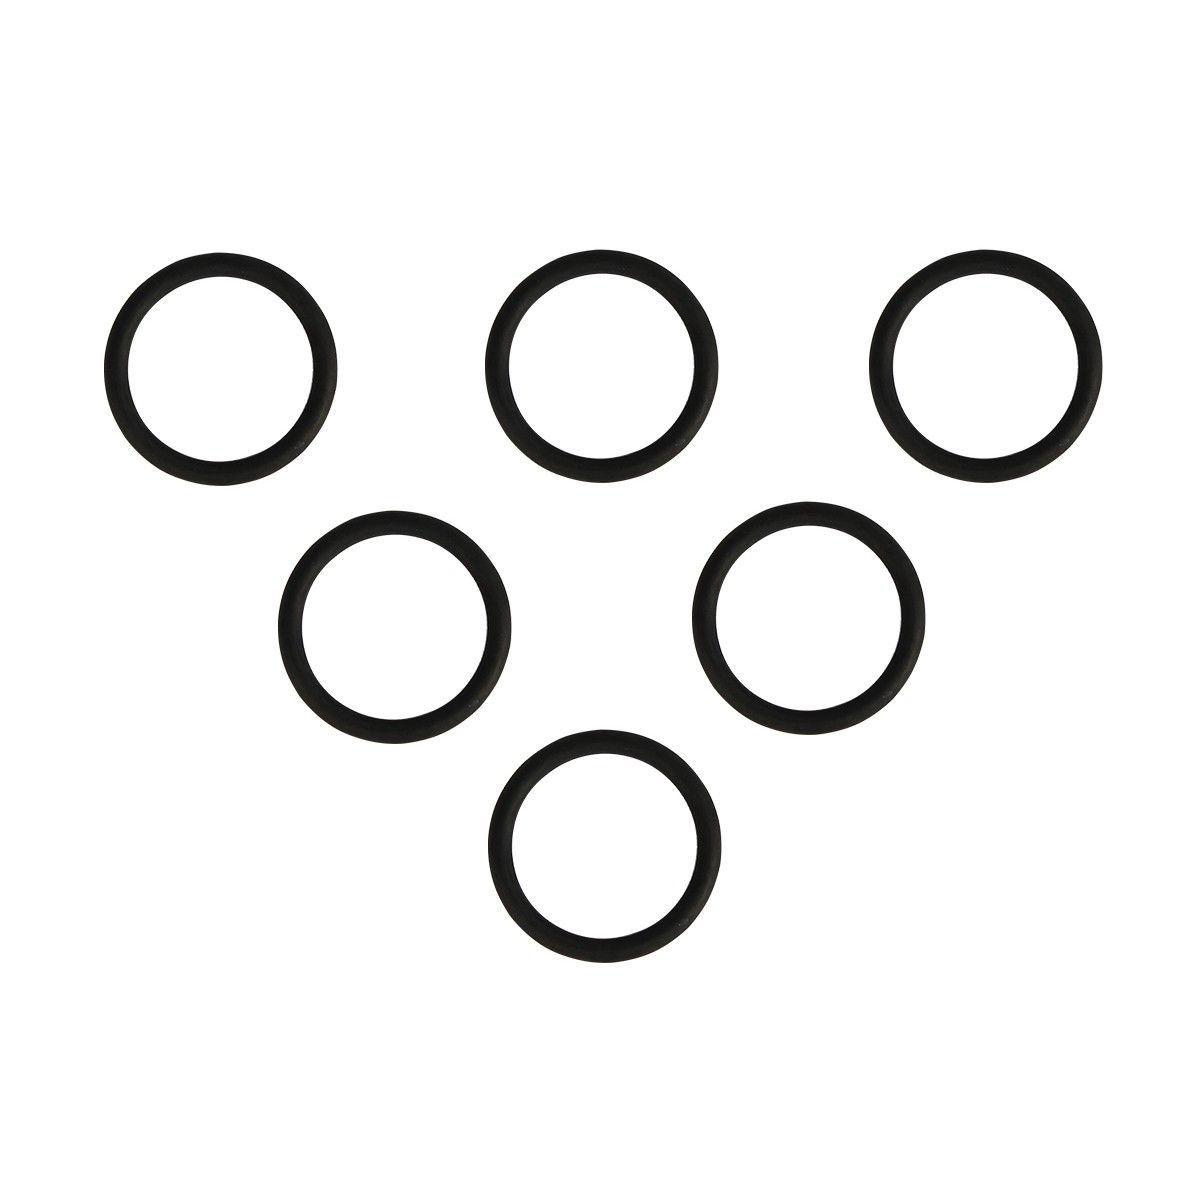 Anel de Vedação para Cabeça de Pistão 6 Unidades SHS